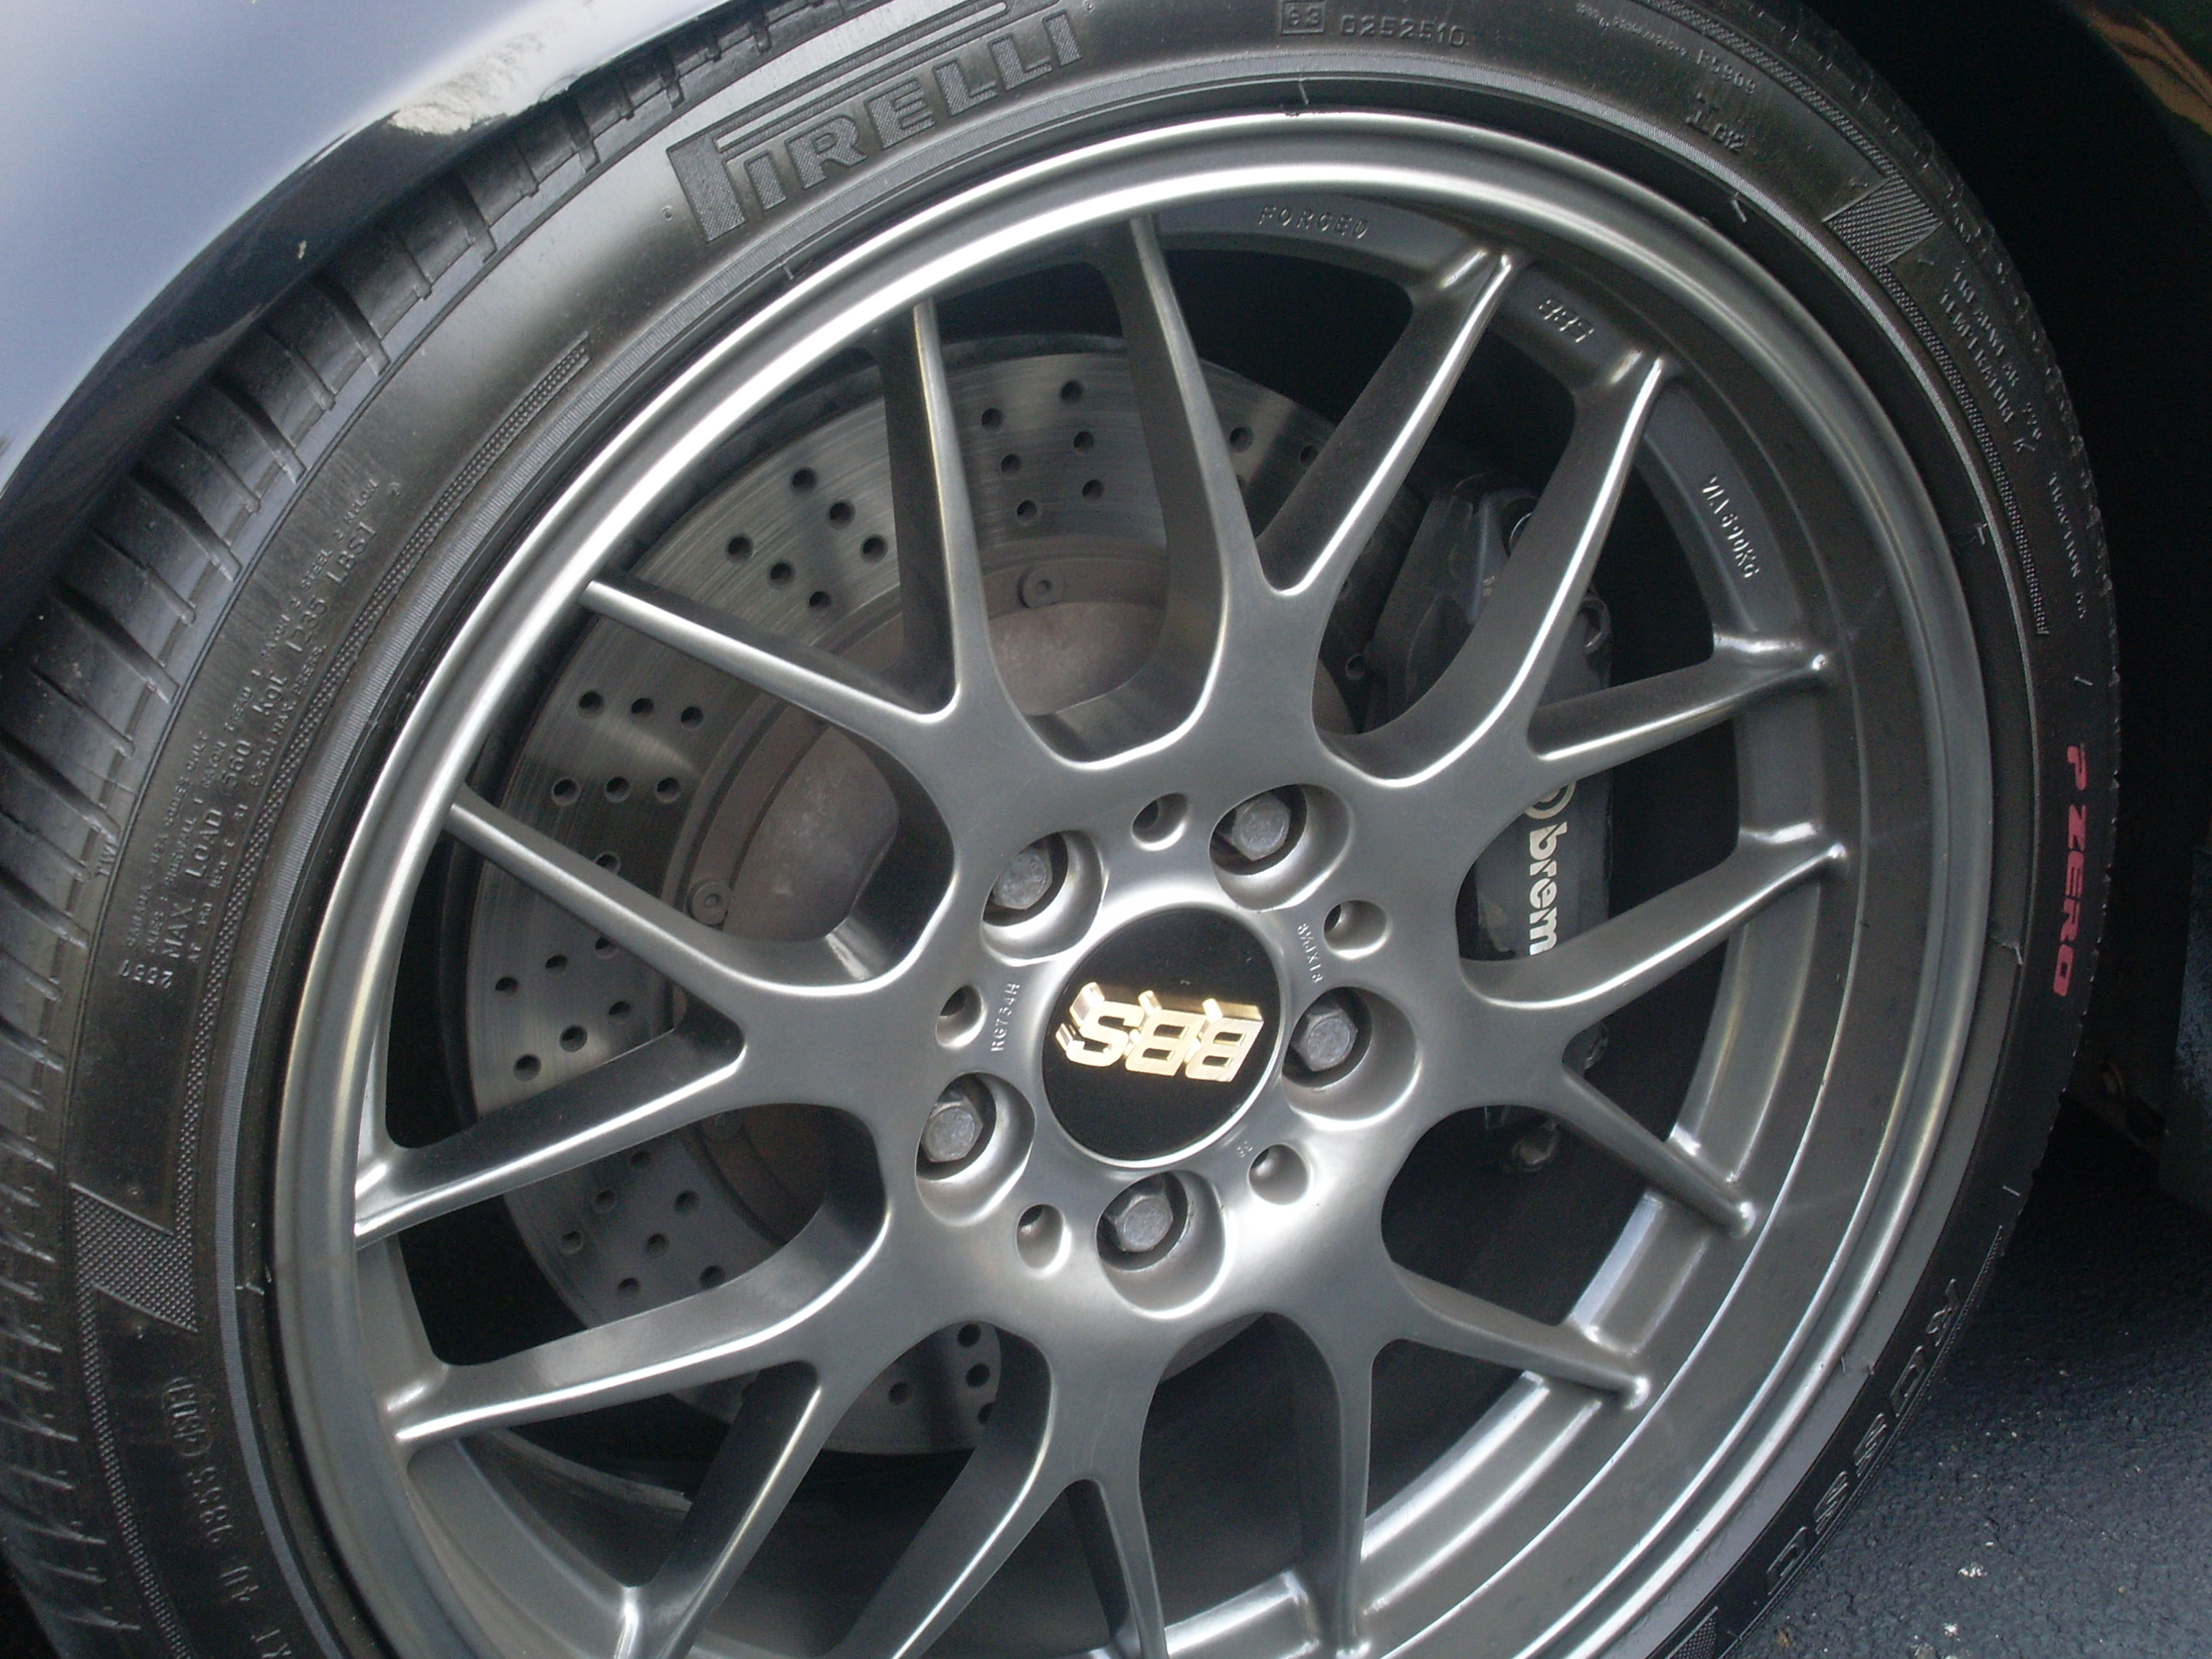 MY95 E36 M3 Track/Street Car-e36-m3-005.jpg